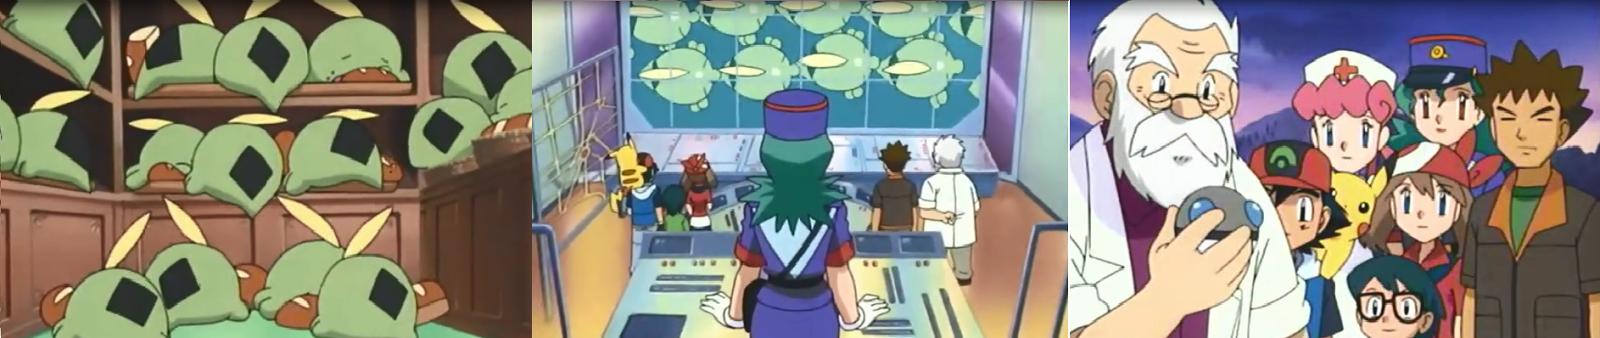 Pokemon Capitulo 25 Temporada 7 Gulpin Al Ataque